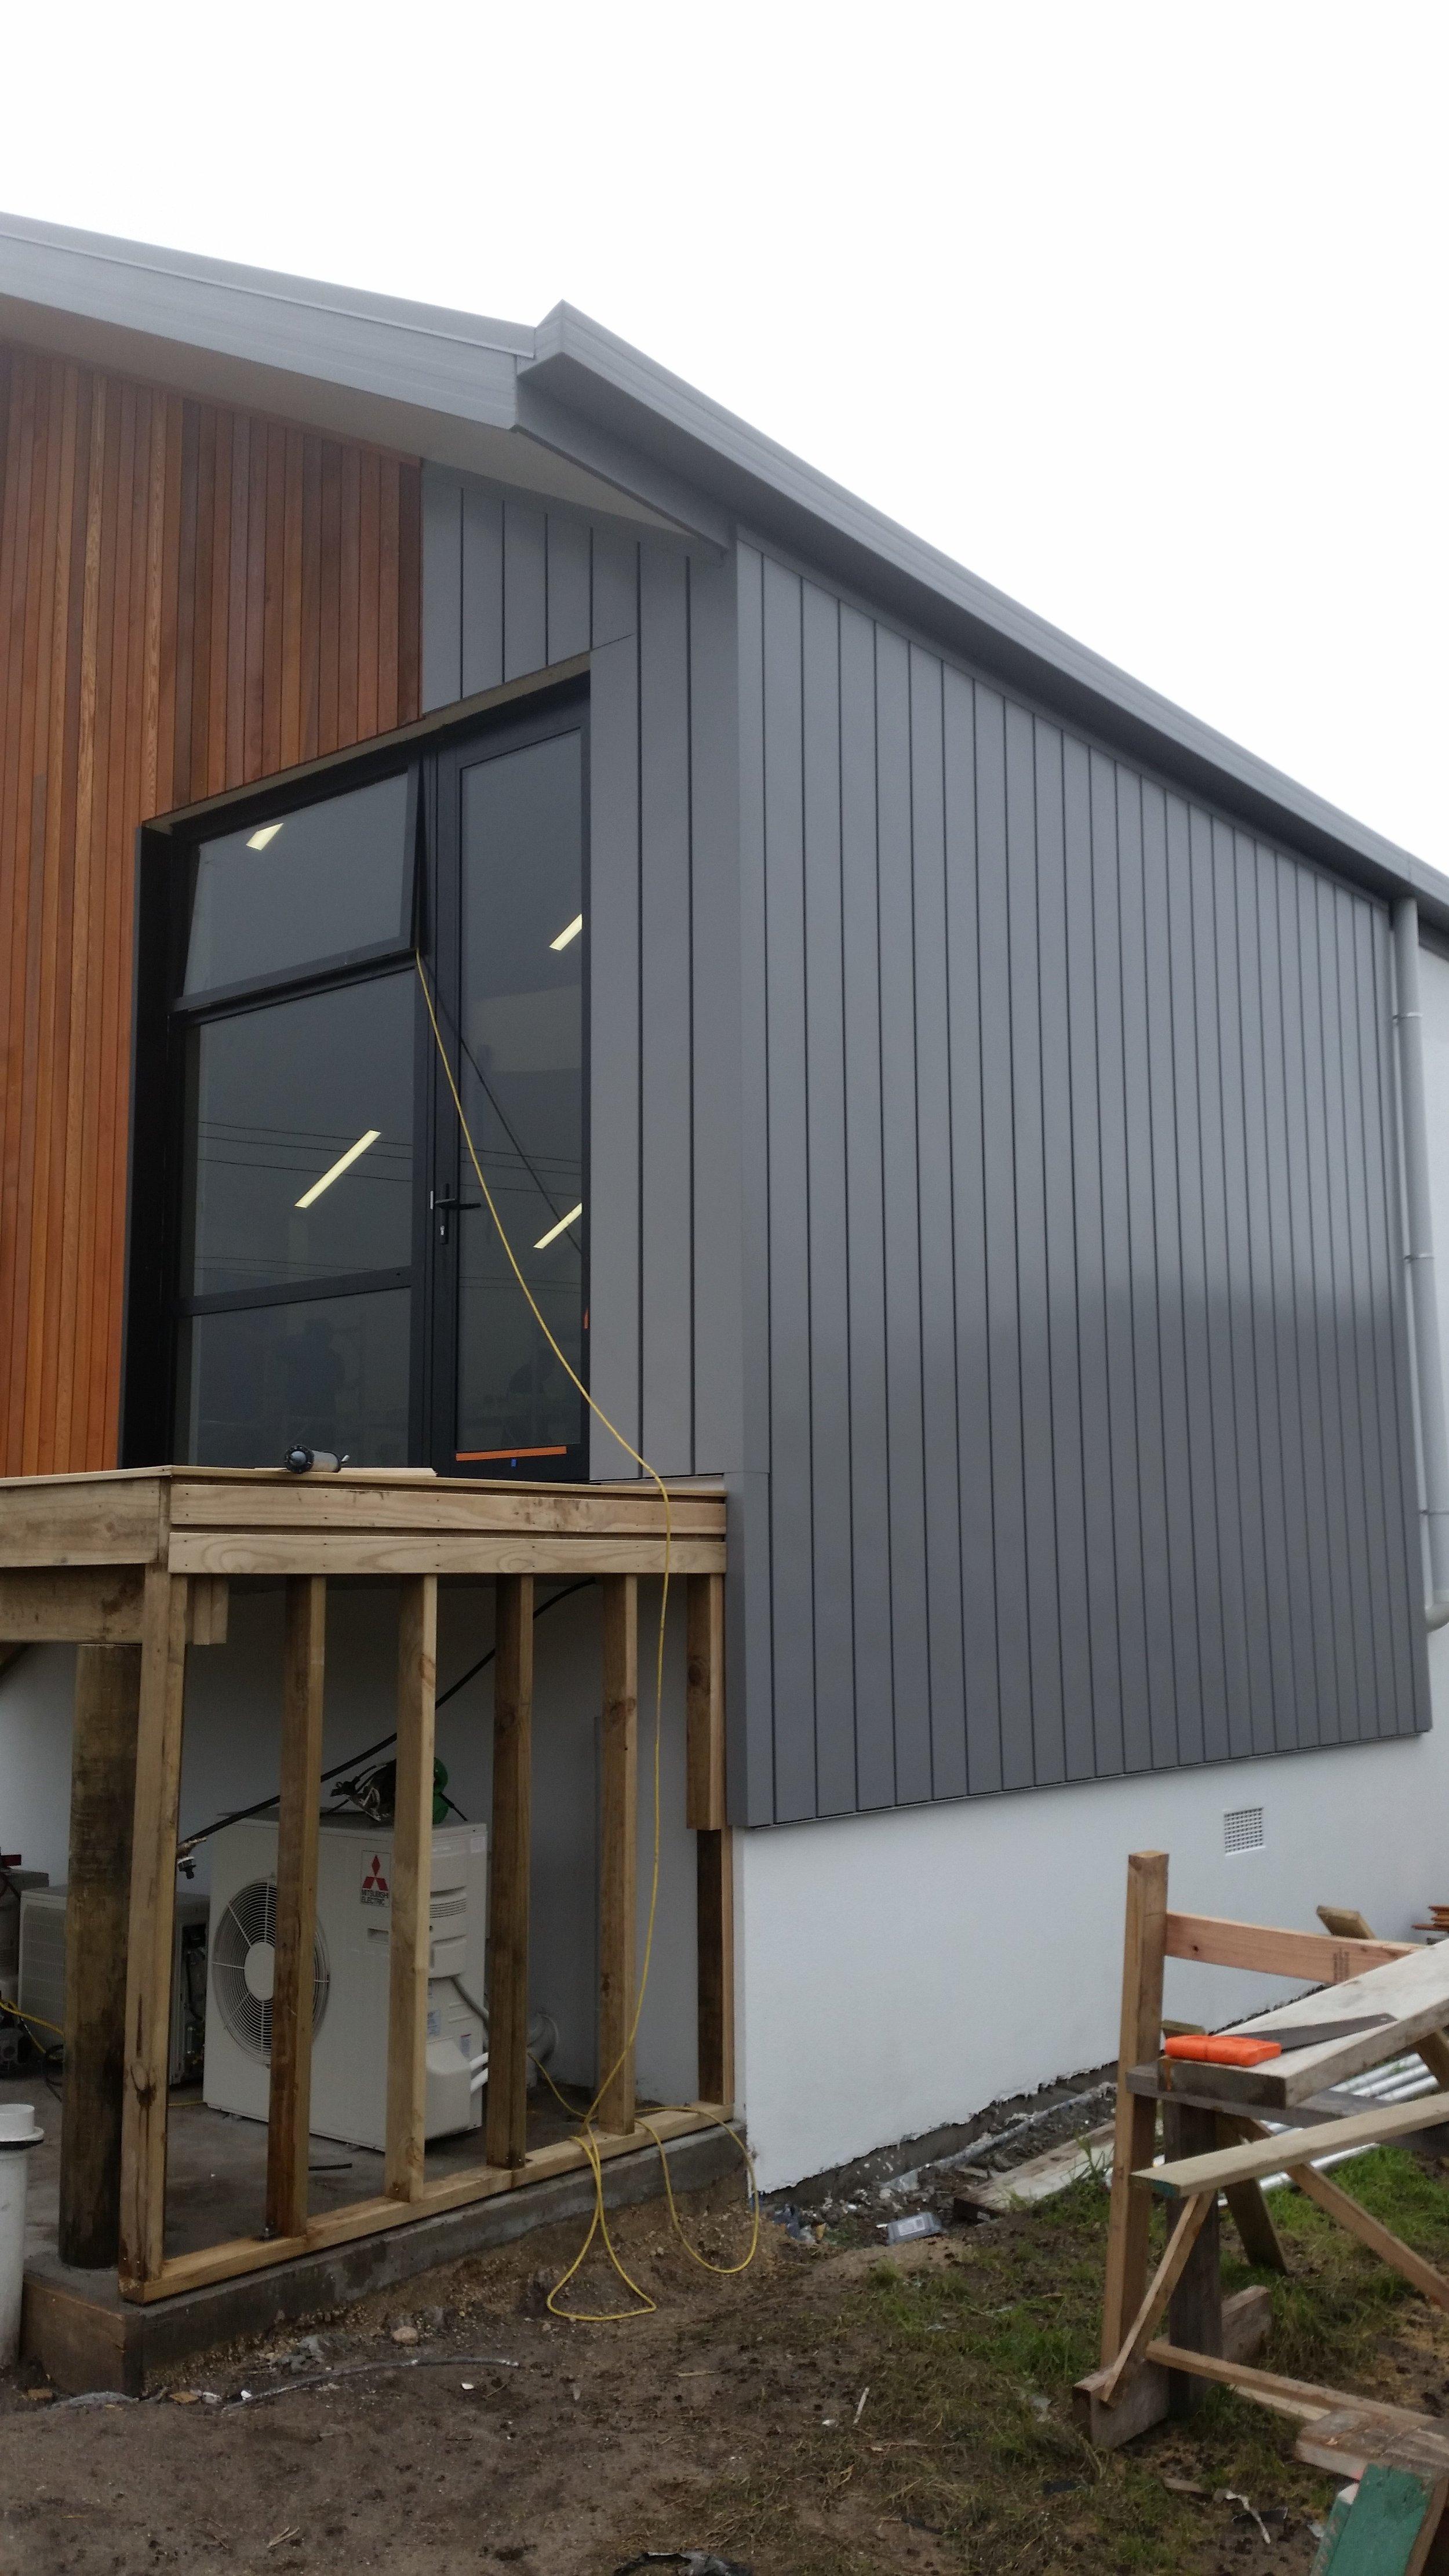 The-Roofing-Store-Steel-Metal-Interlocking-Panel-Sandstone-Grey-2.jpg.jpg